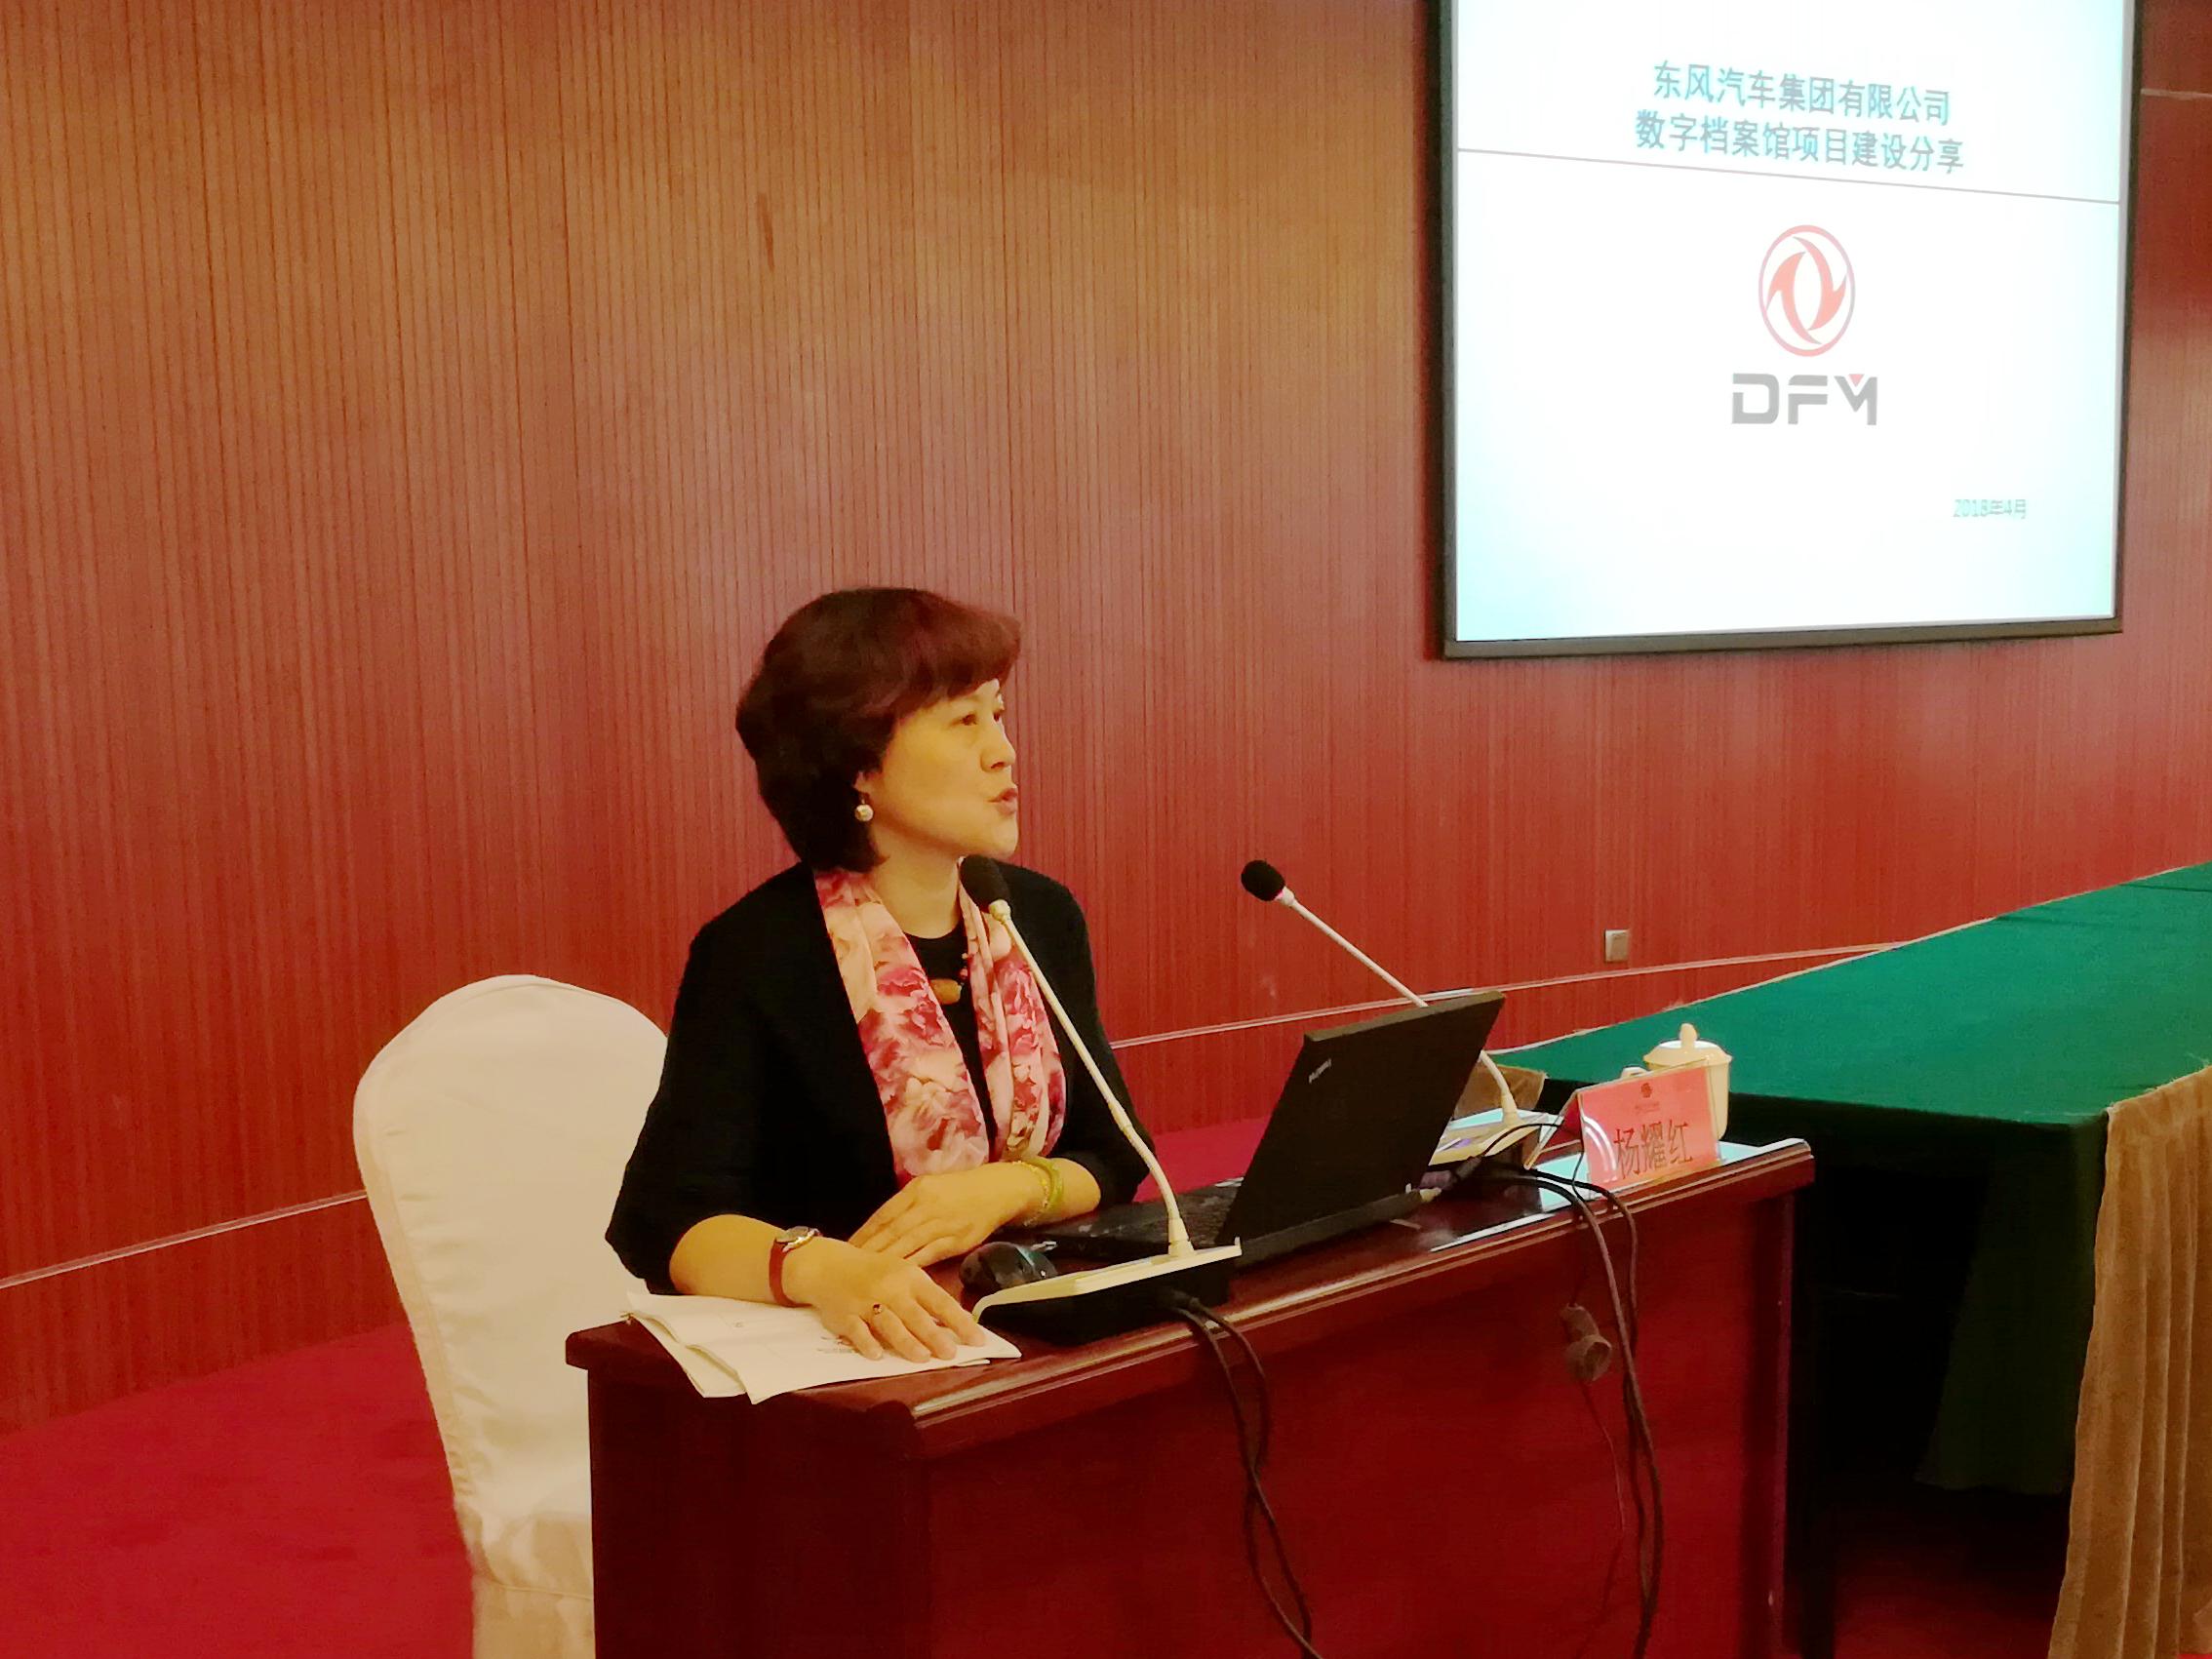 东风汽车集团有限公司办公厅档案管理业务主任杨耀红作经验交流.jpg